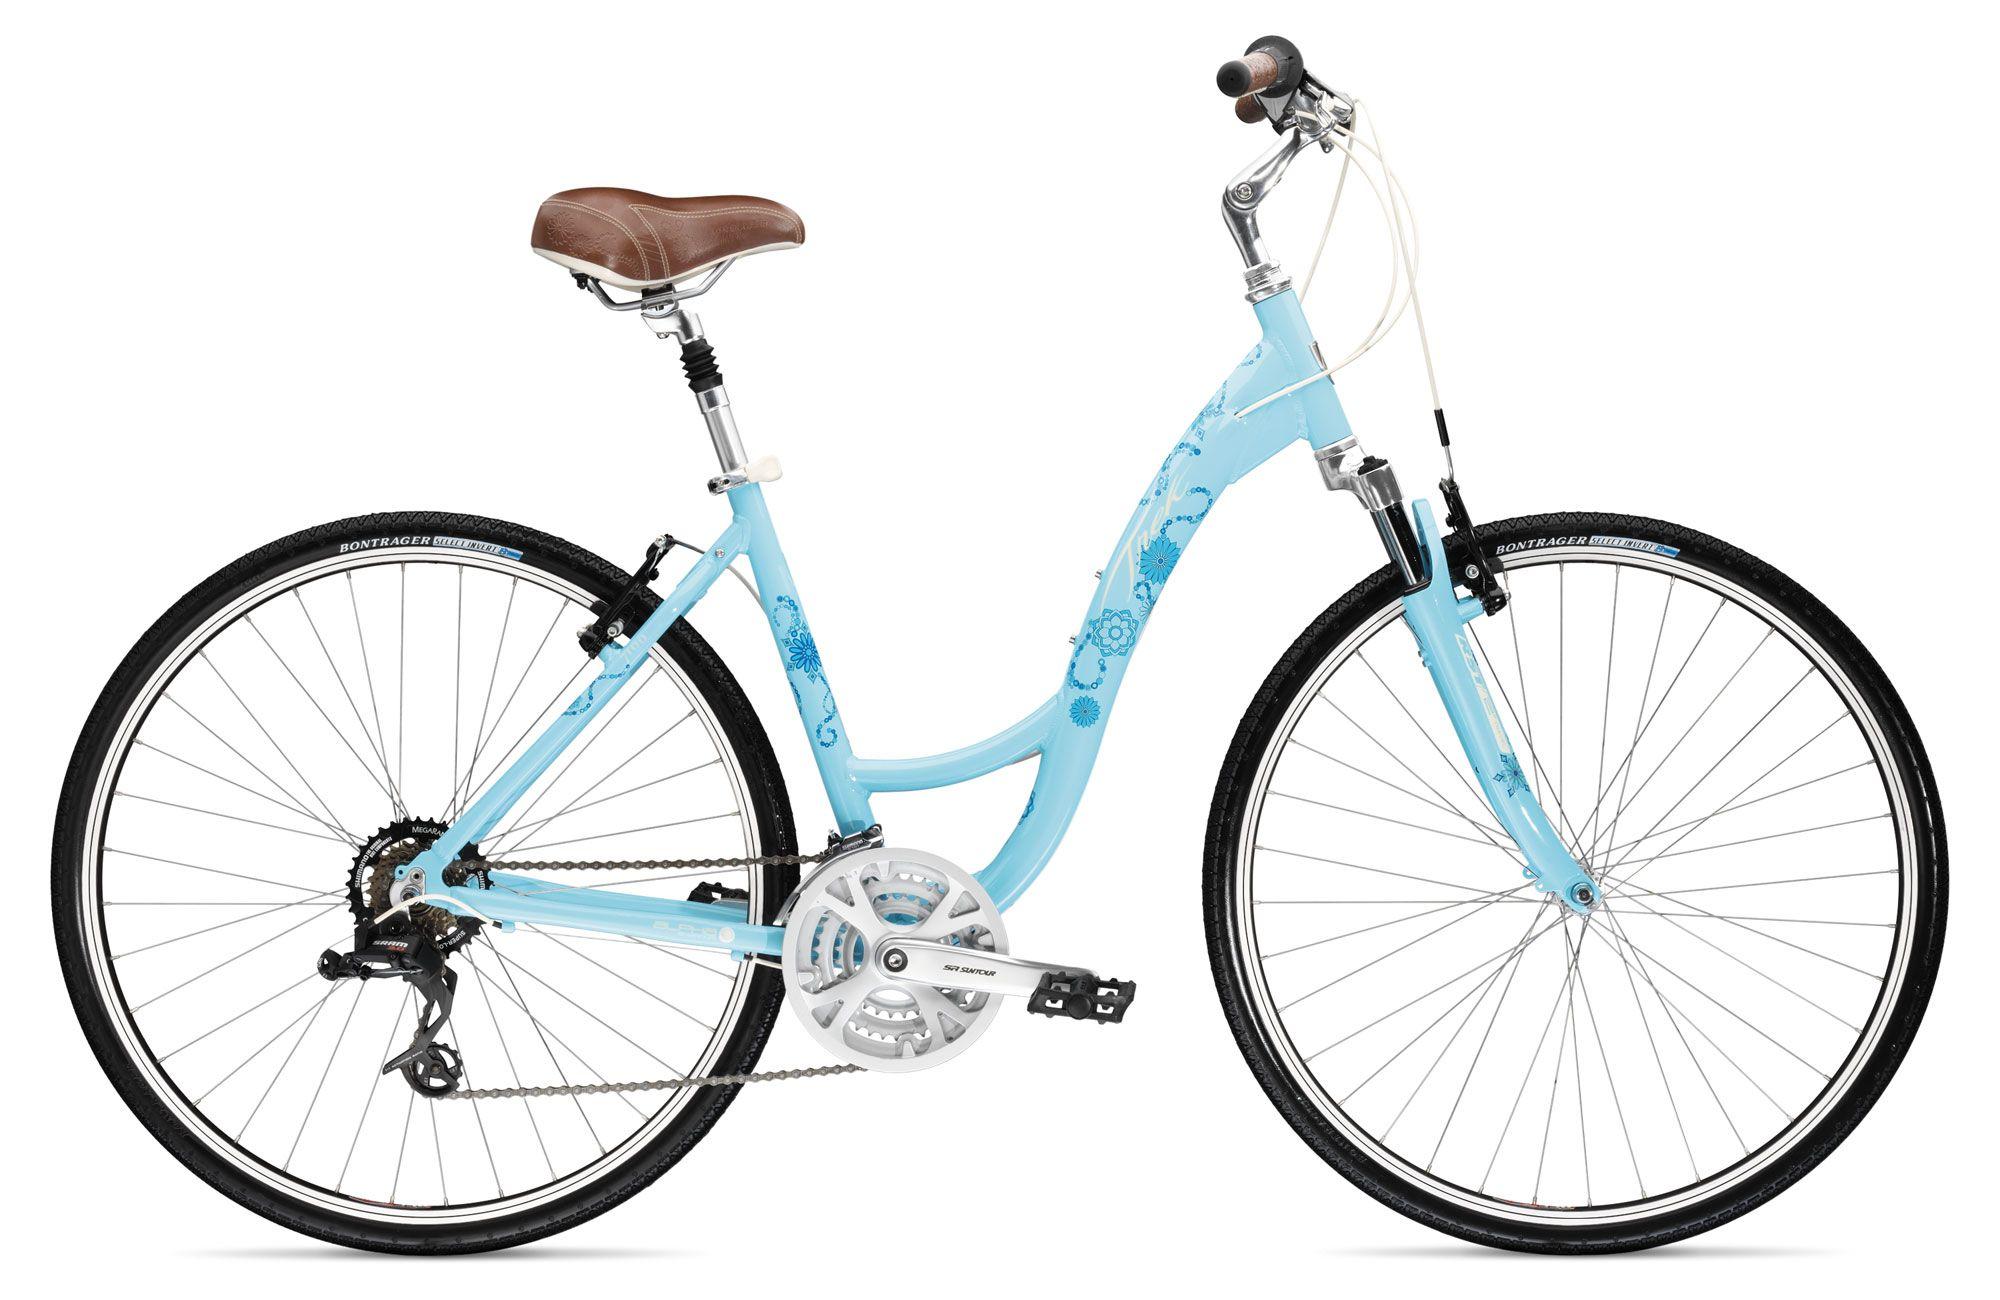 Trek 7100 Womens Hybrid Touring Bike 2009 Hybrid Bike Trek Bikes Womens Bike